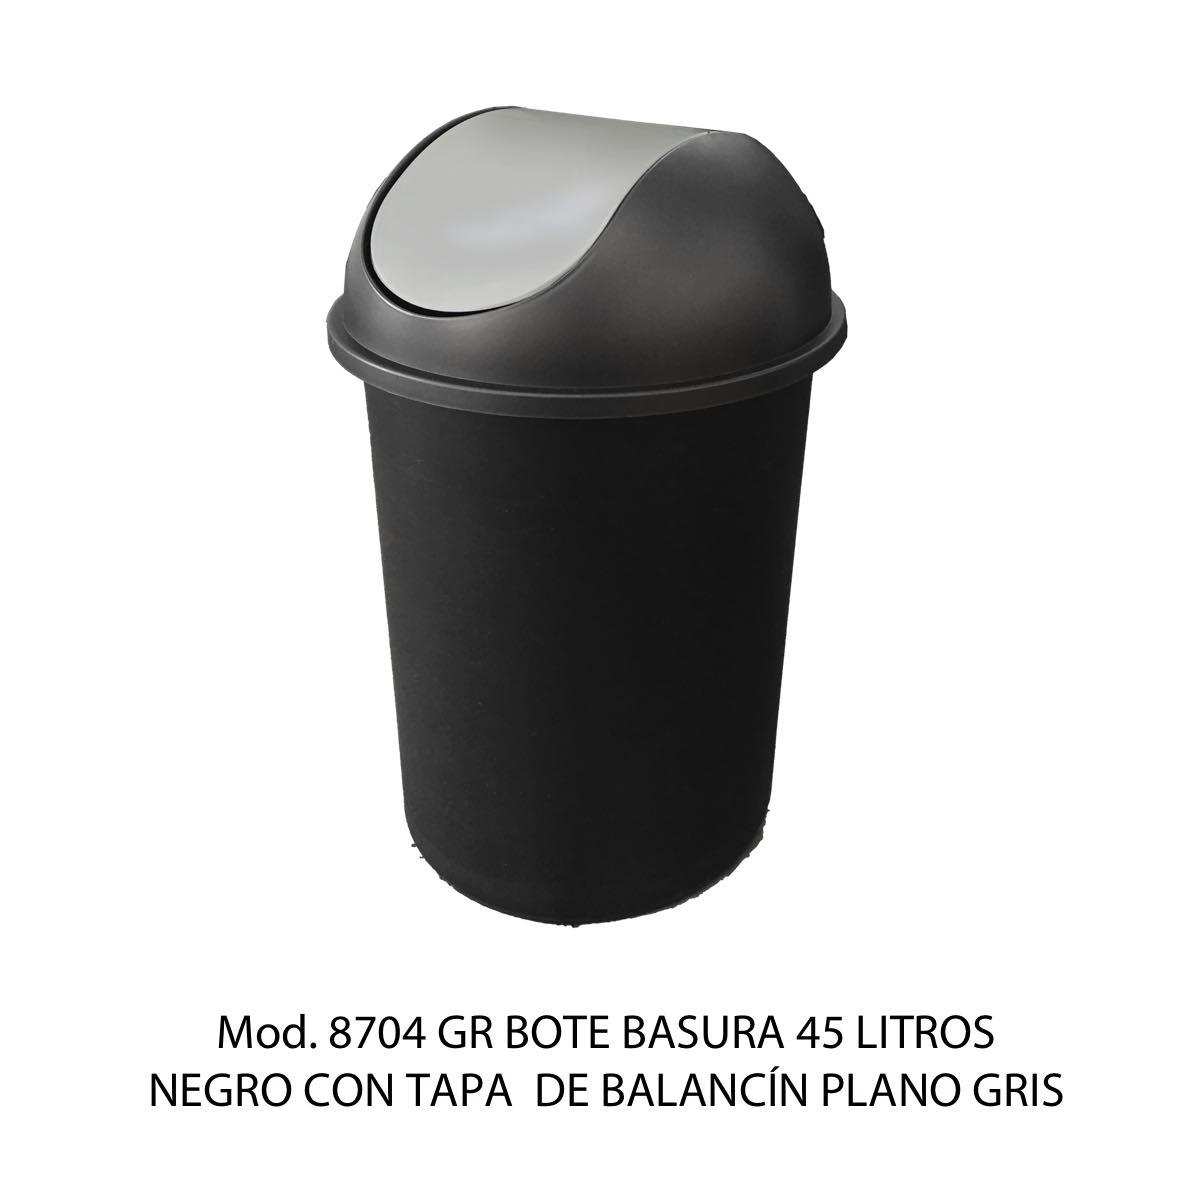 Bote de basura redondo negro de 45 litros con tapa gris tipo balancín liso modelo 8704 GR Sablón